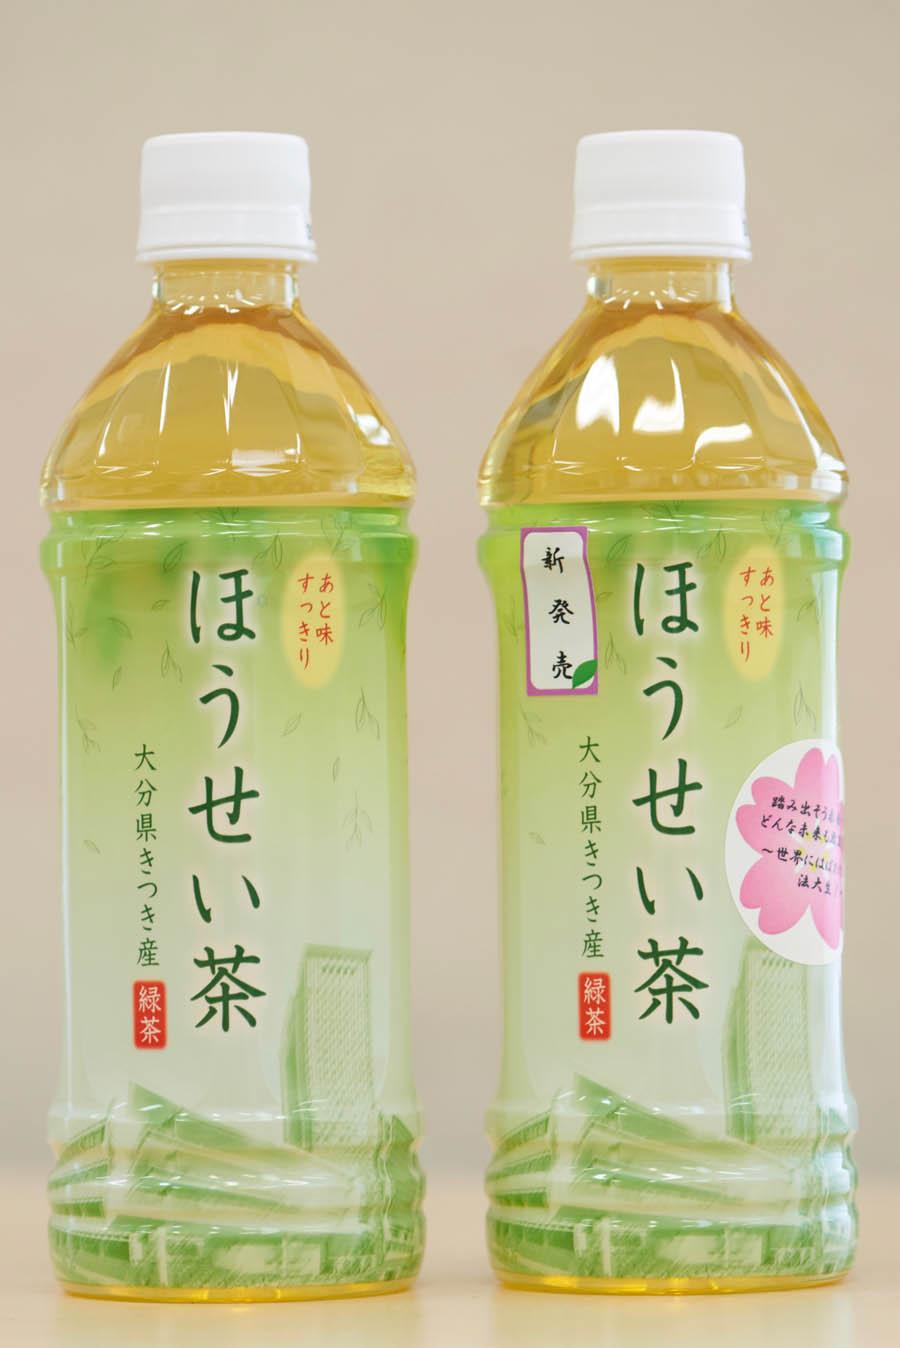 法政大学創立者ゆかりの地・大分県杵築産茶葉を使用し学生と共同開発した緑茶飲料「ほうせい茶」販売開始